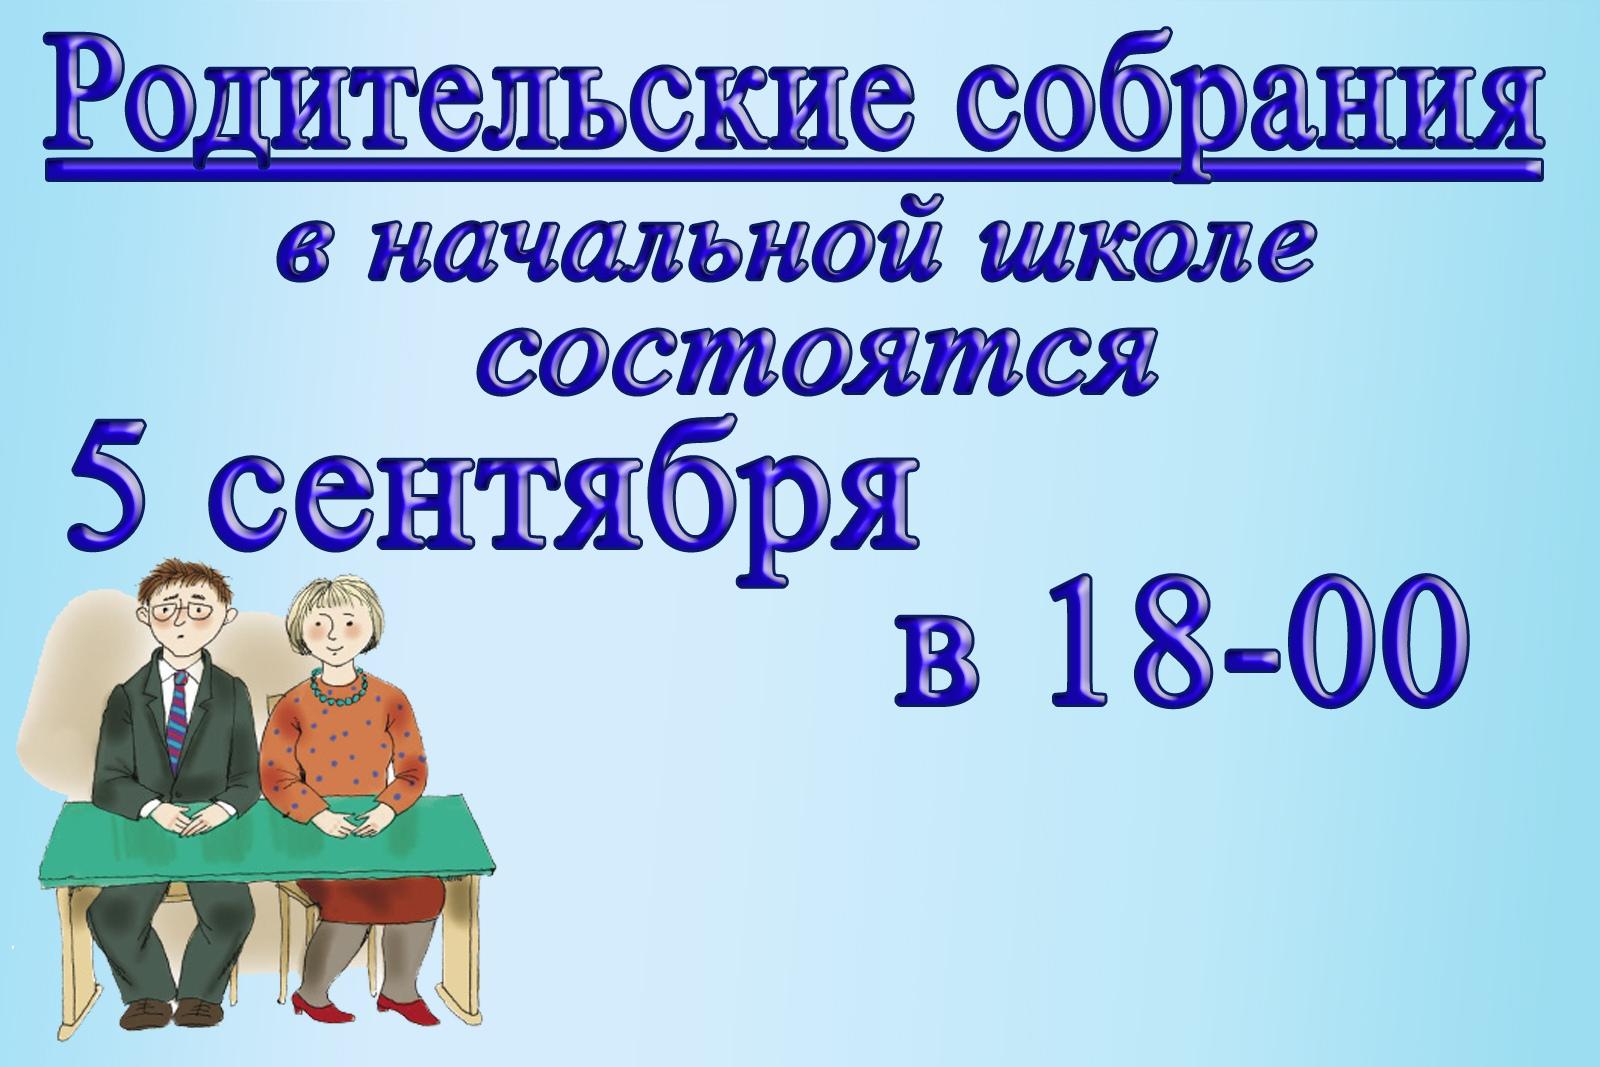 Родительские собрания в начальной школе - 5 сентября в 18-00